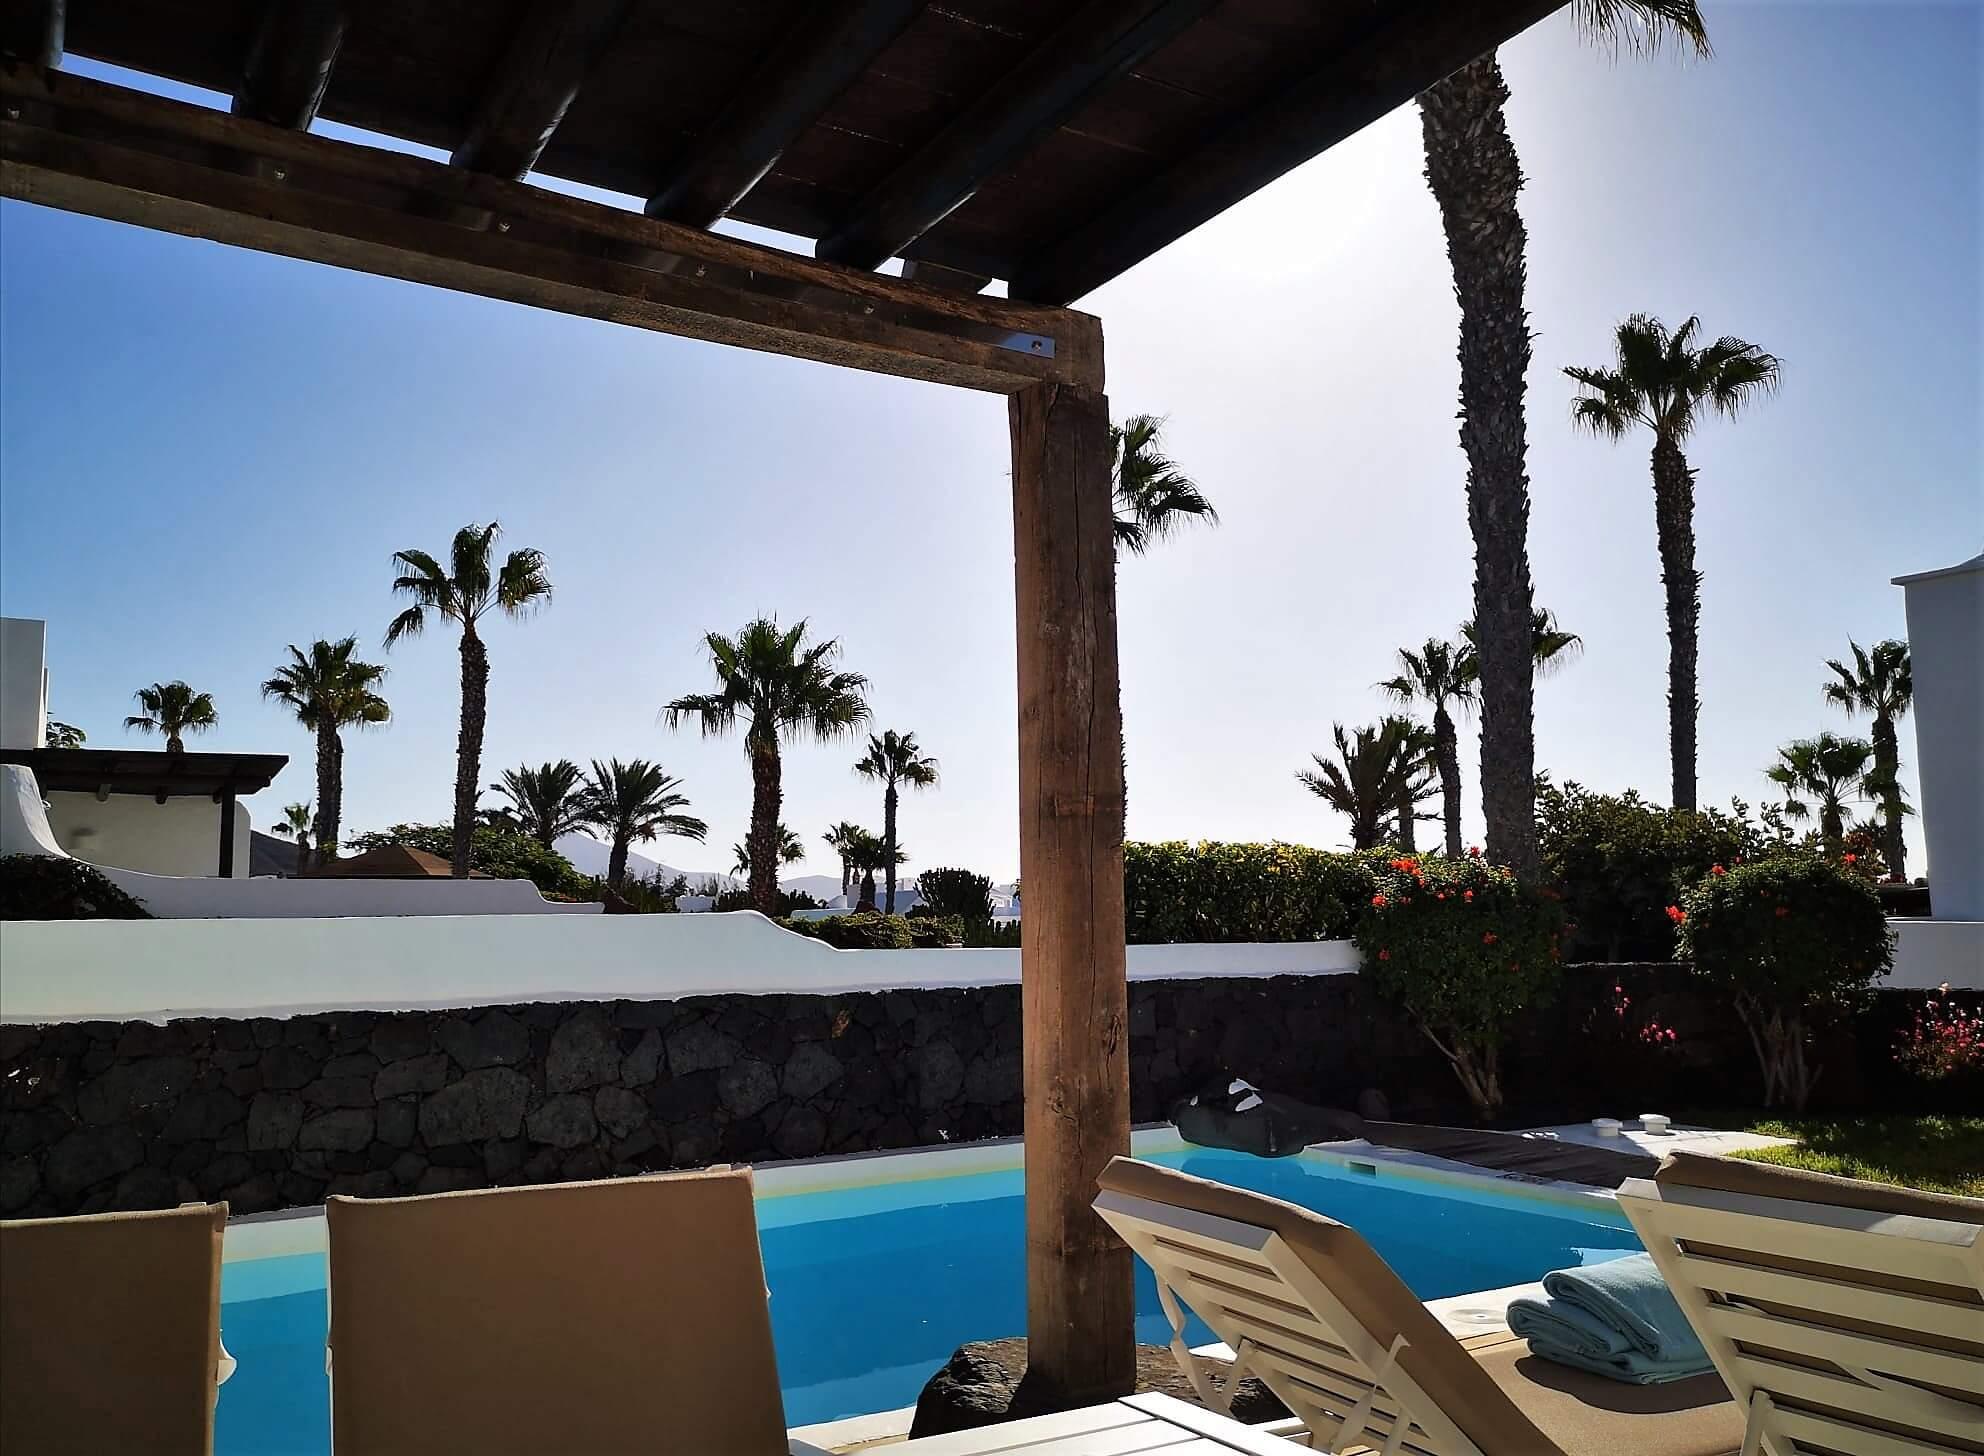 Kamezí Boutique Villas Alojamiento en Playa Blanca Lanzarote Fotografía Josechu Pérez Niz